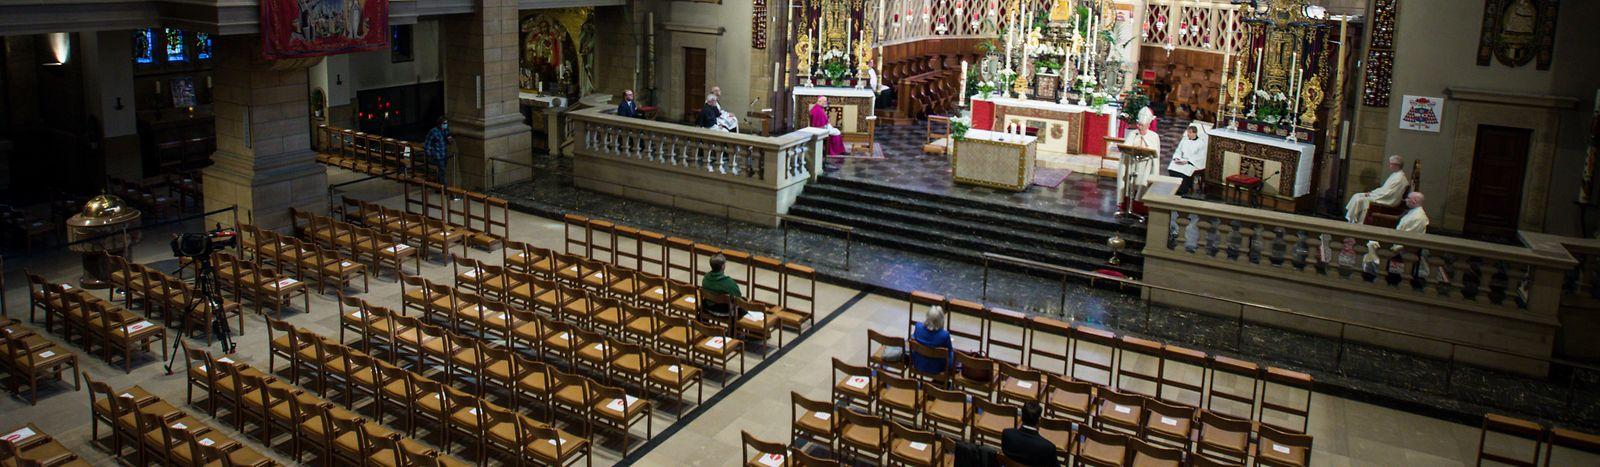 Die Eröffnung der Oktave 2020 fand in der fast leeren Kathedrale statt.